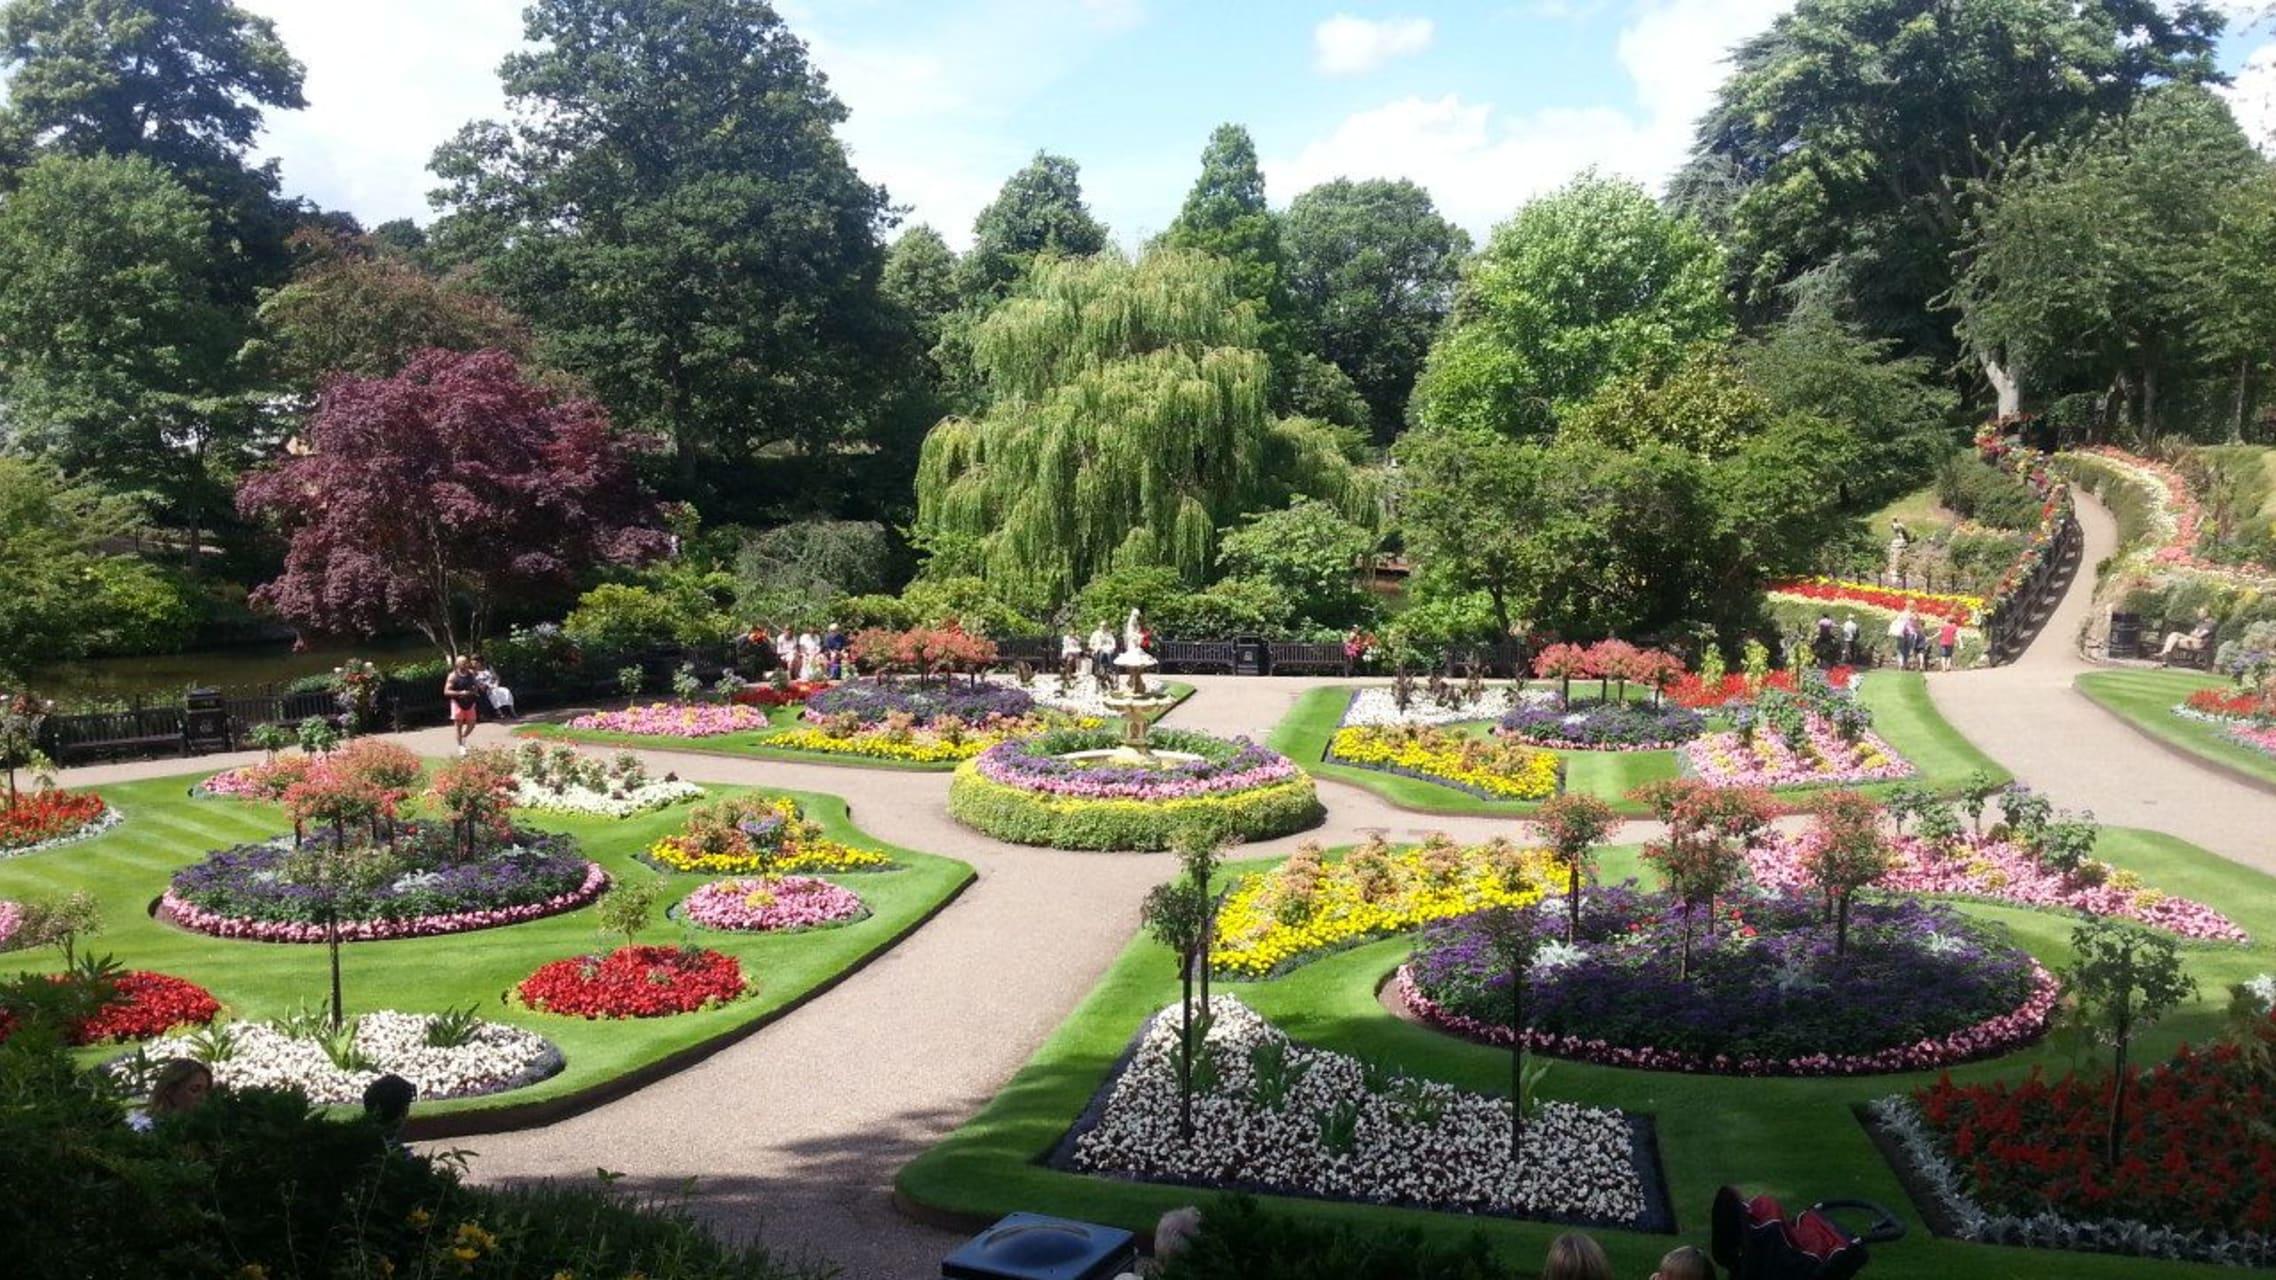 Shropshire - Shrewsbury - Riverside, Parks and Gardens